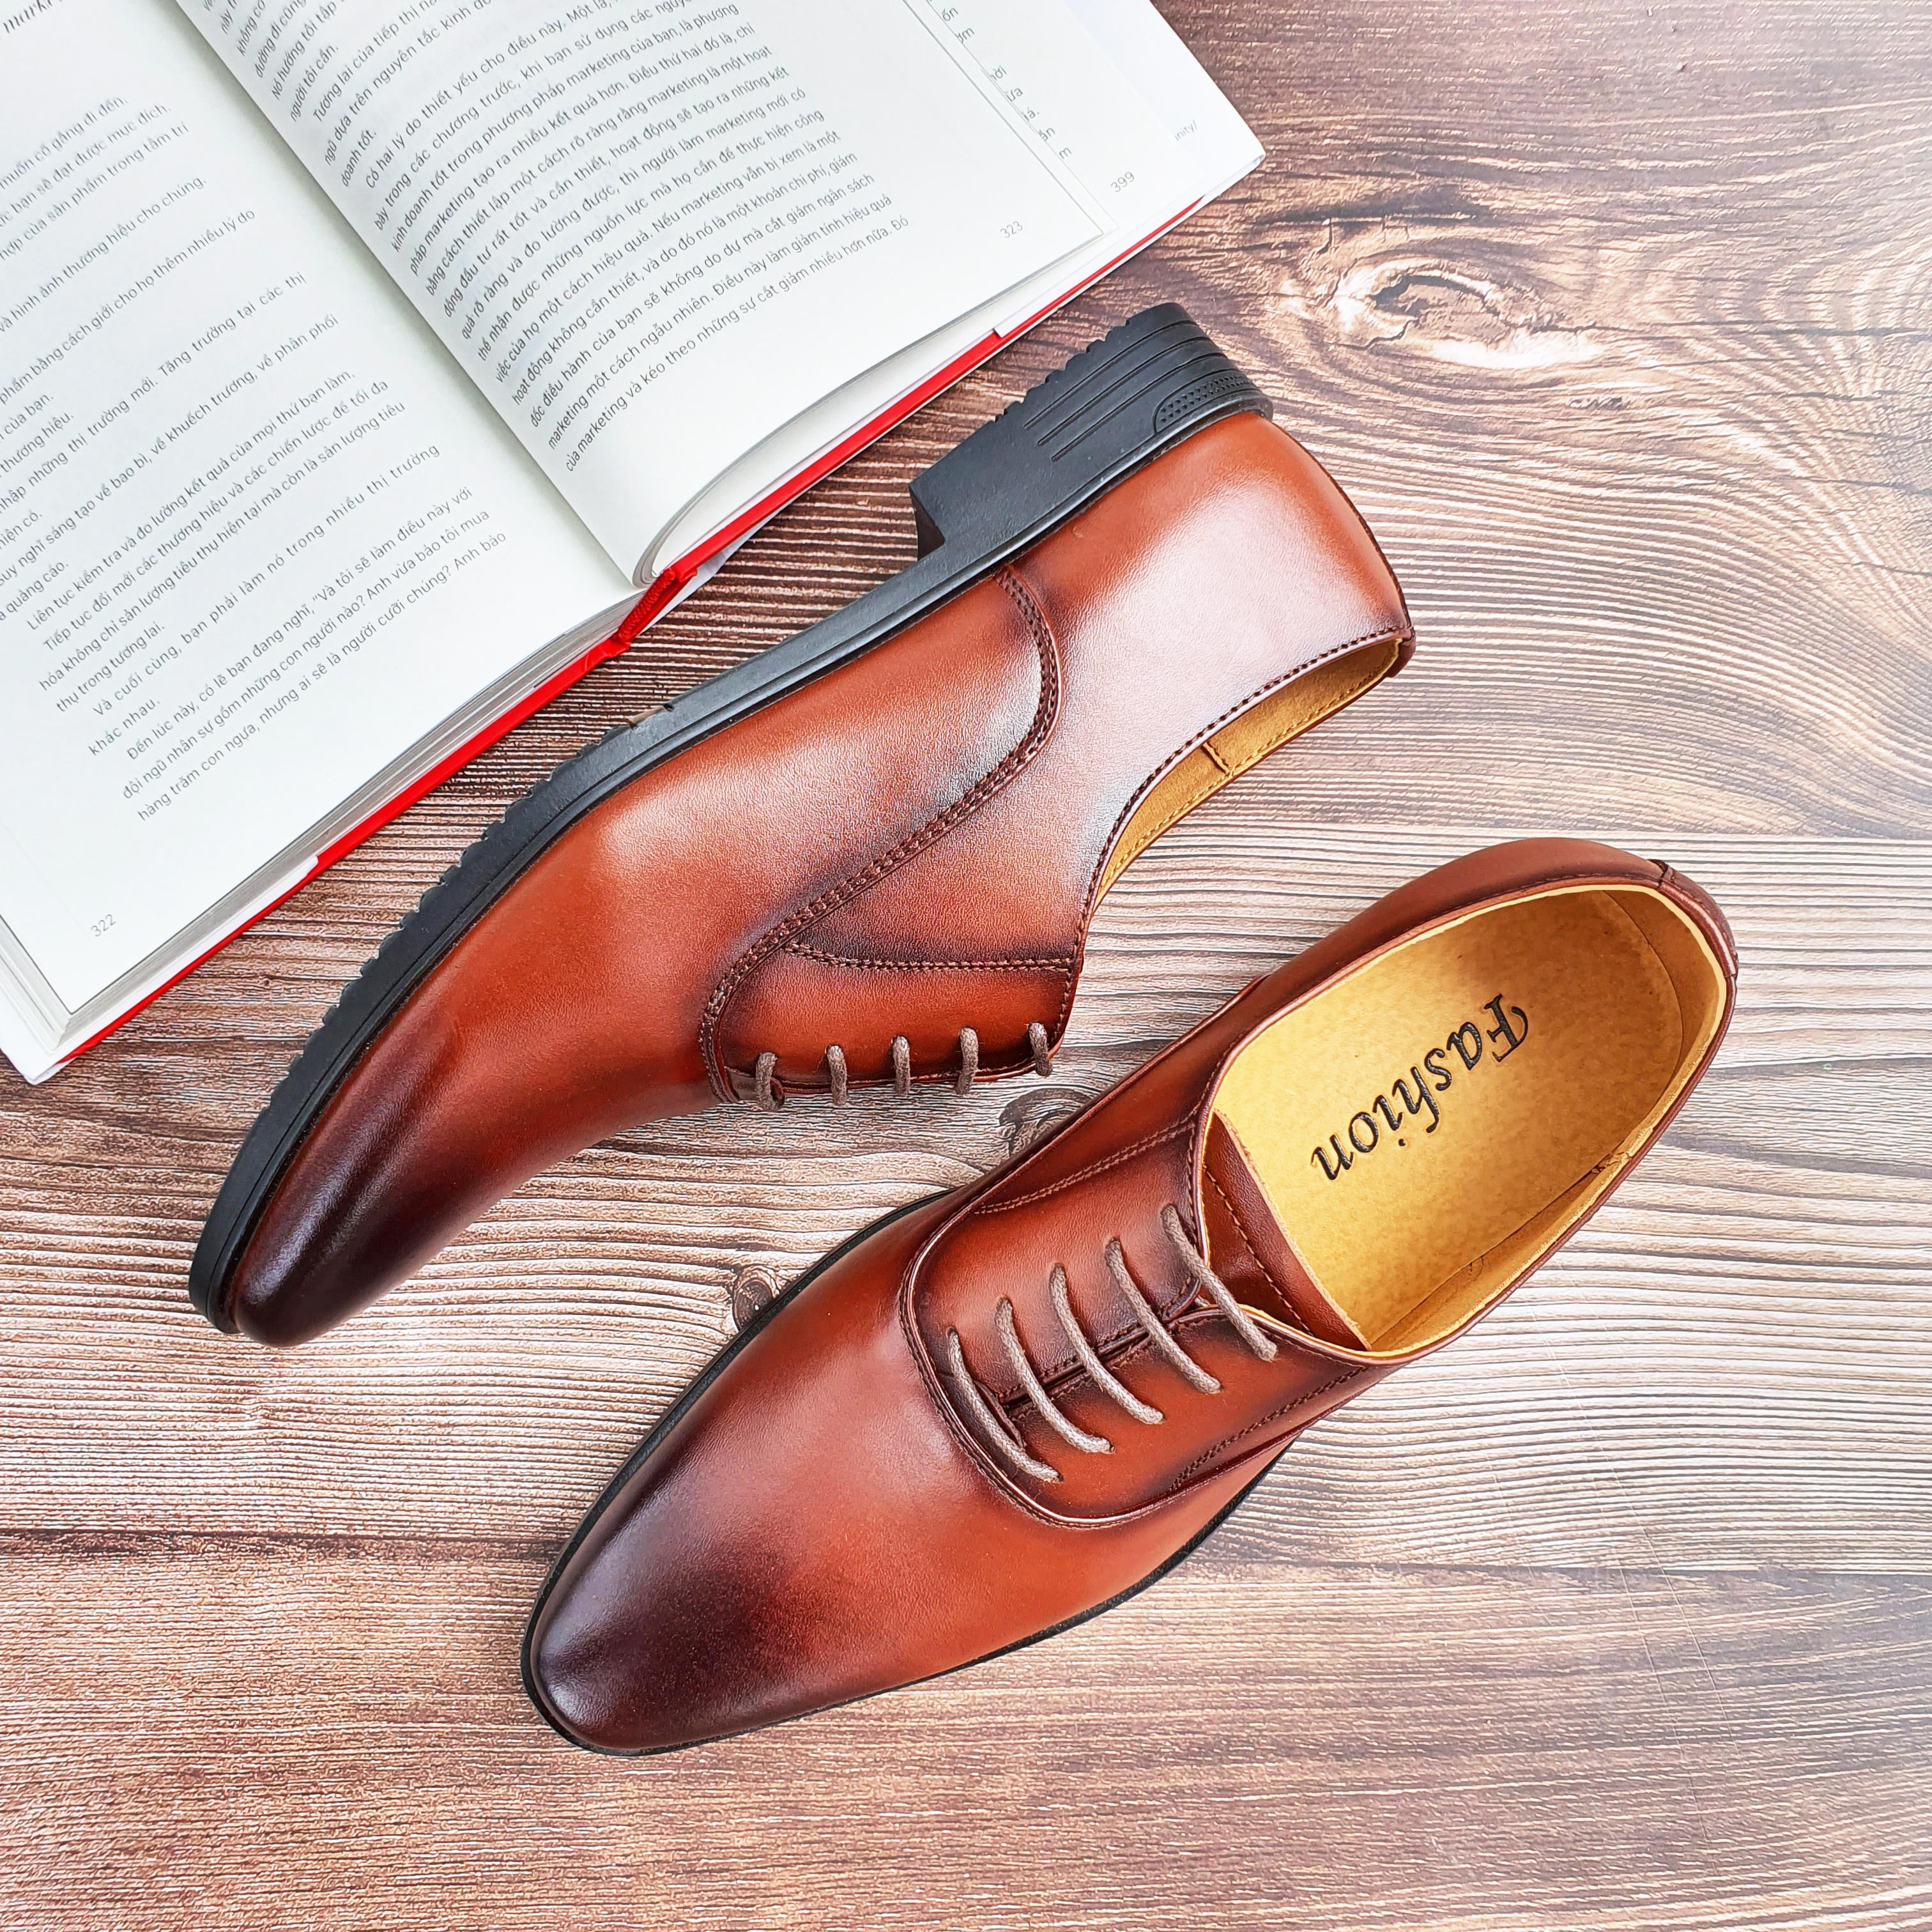 Giày Dây Nam Da Bò Thật Cao Cấp, Giày Tây Công Sở Mới, Giày Da Nam Da Thật, Bảo Hành 12 Tháng, Tặng Kèm Xi Bóng và Lót Da